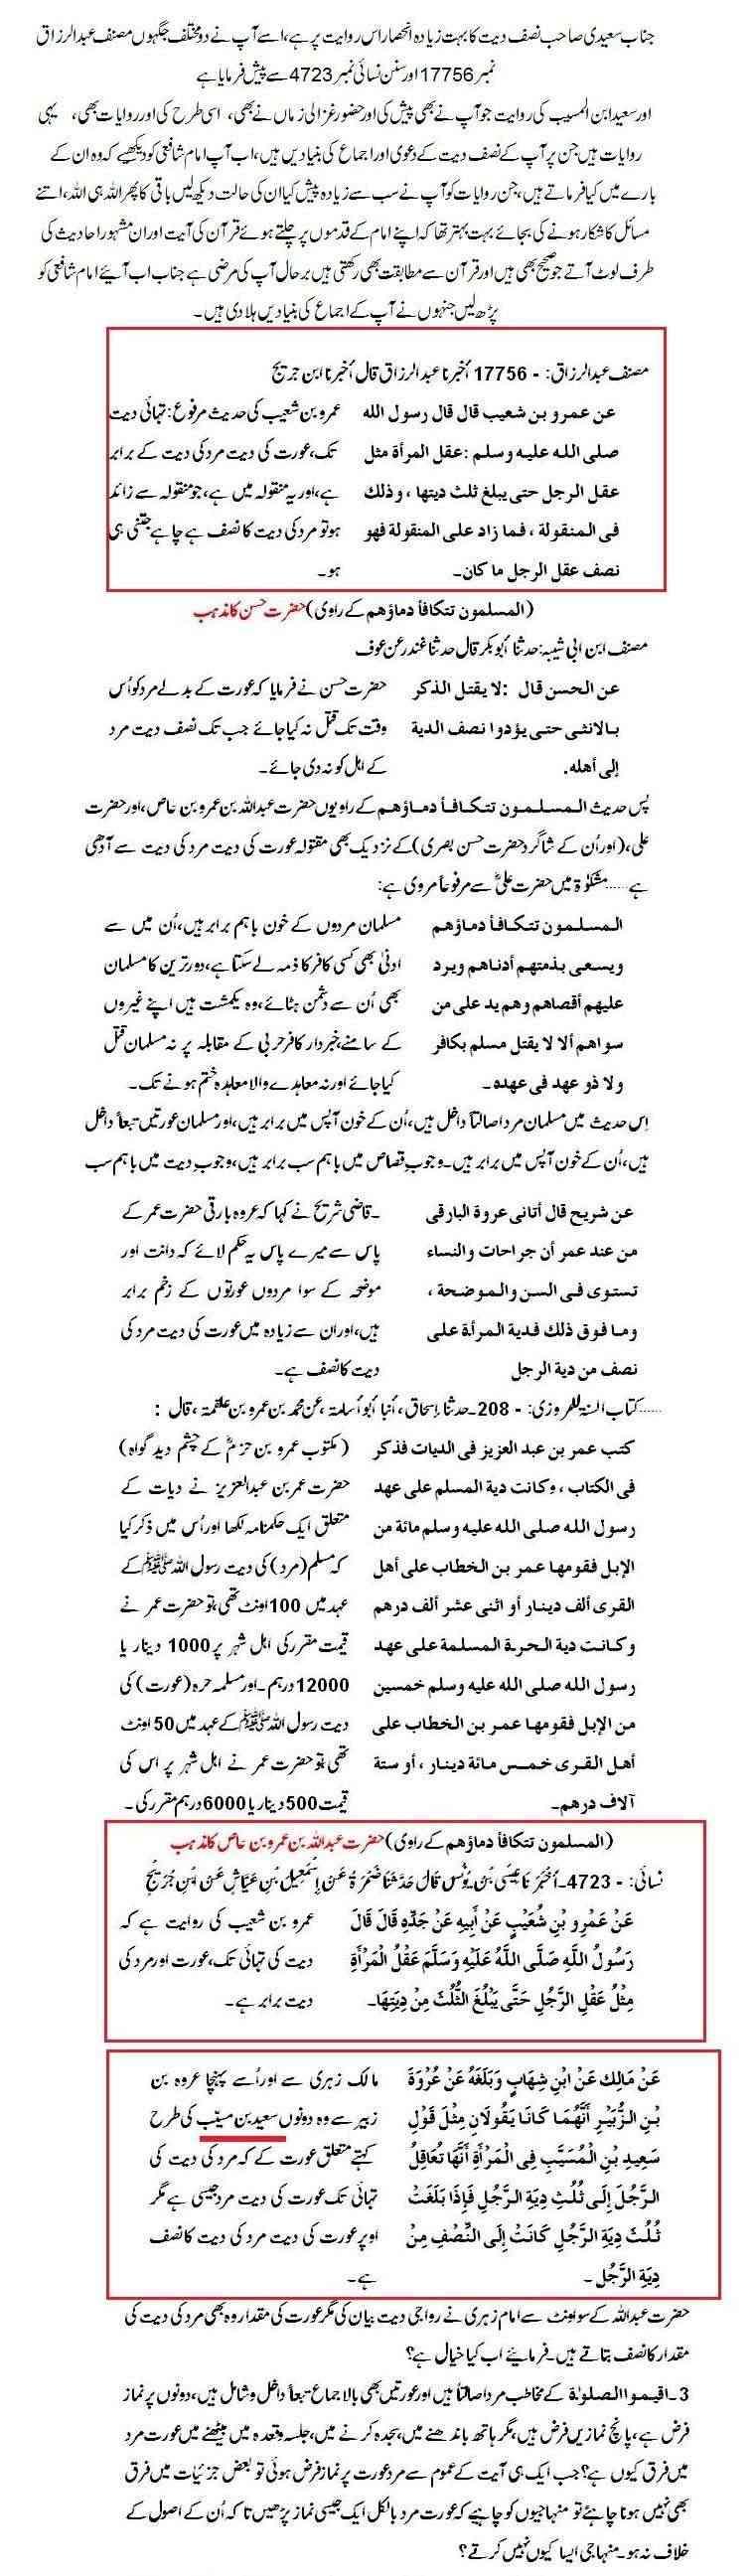 دیت کی جعلی فتوی فیکٹری پر منہاج القرآن کی فتح کا جھنڈا - Page 2 Qasim_25